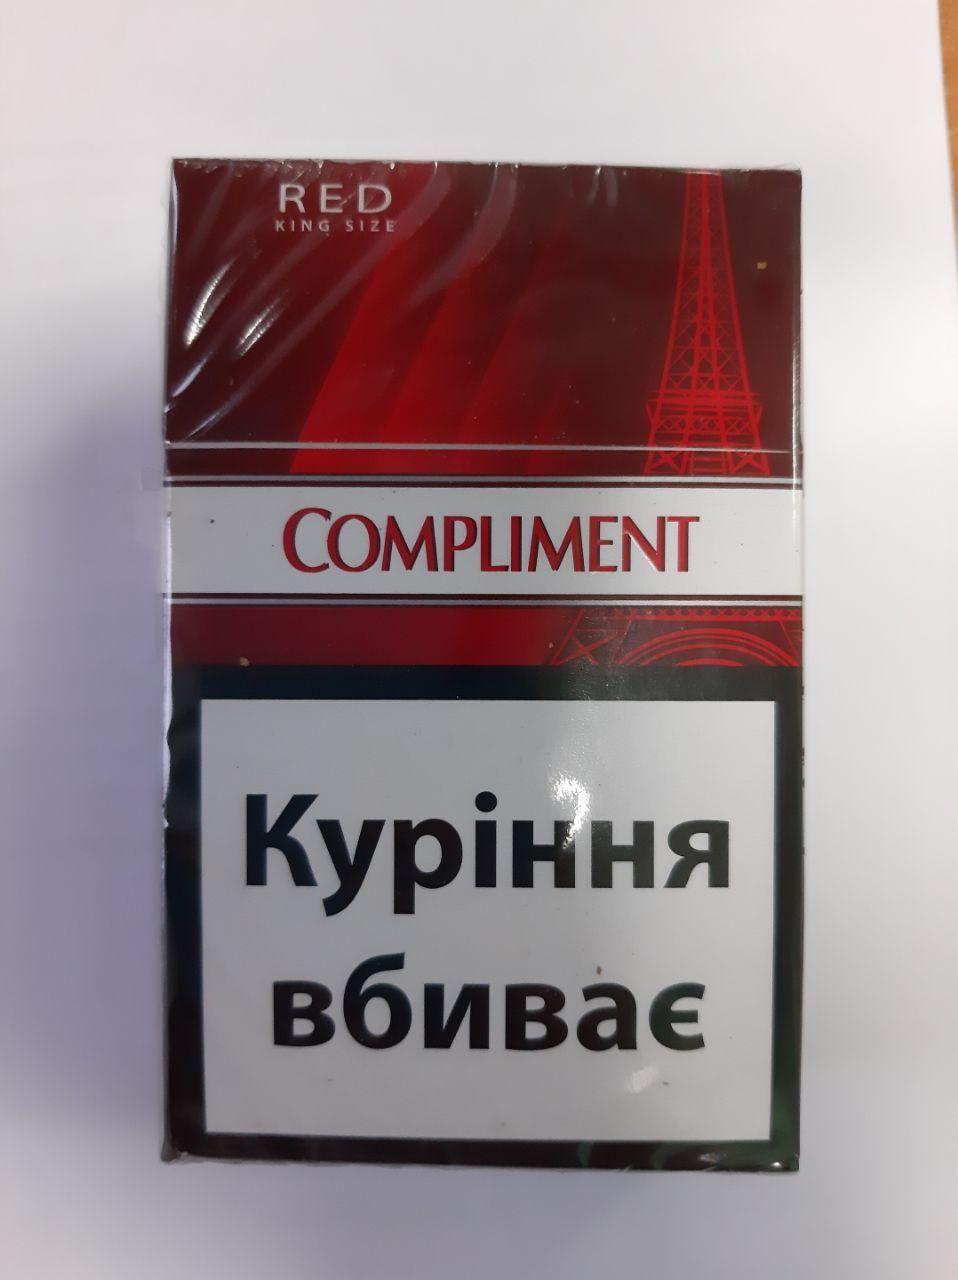 Купить сигареты оптом в брянске дешево табачные изделия оптом в московской области